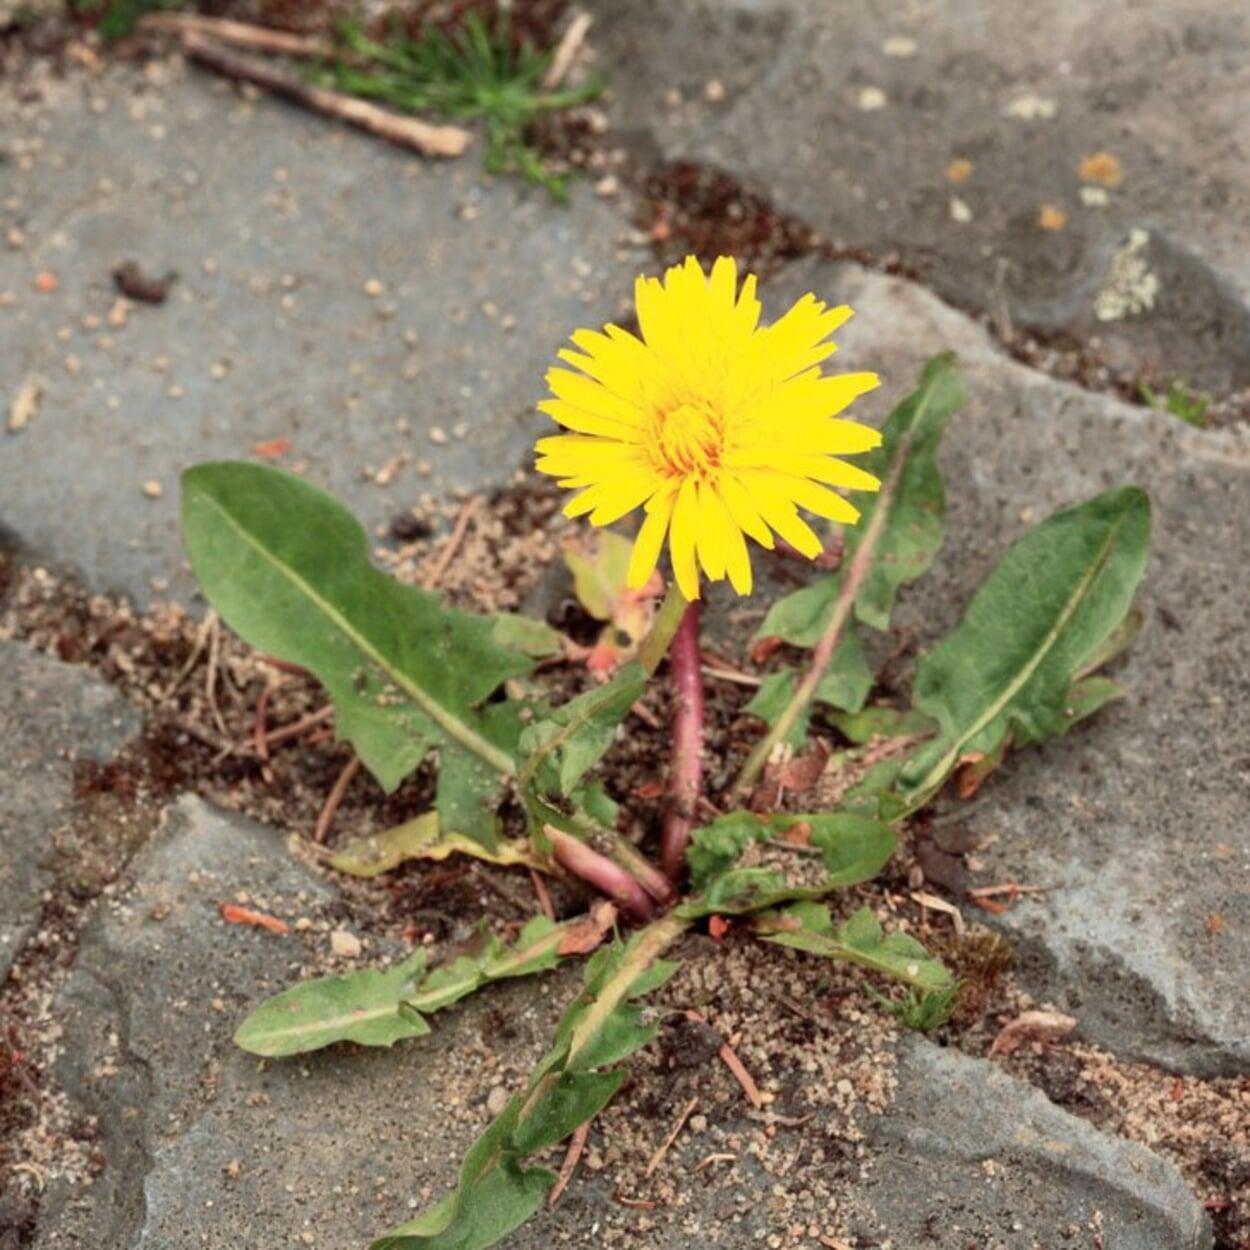 Lässt sich Unkraut nicht vollständig aus Pflasterfugen entfernen, zumindest die Blüten rechtzeitig entfernen